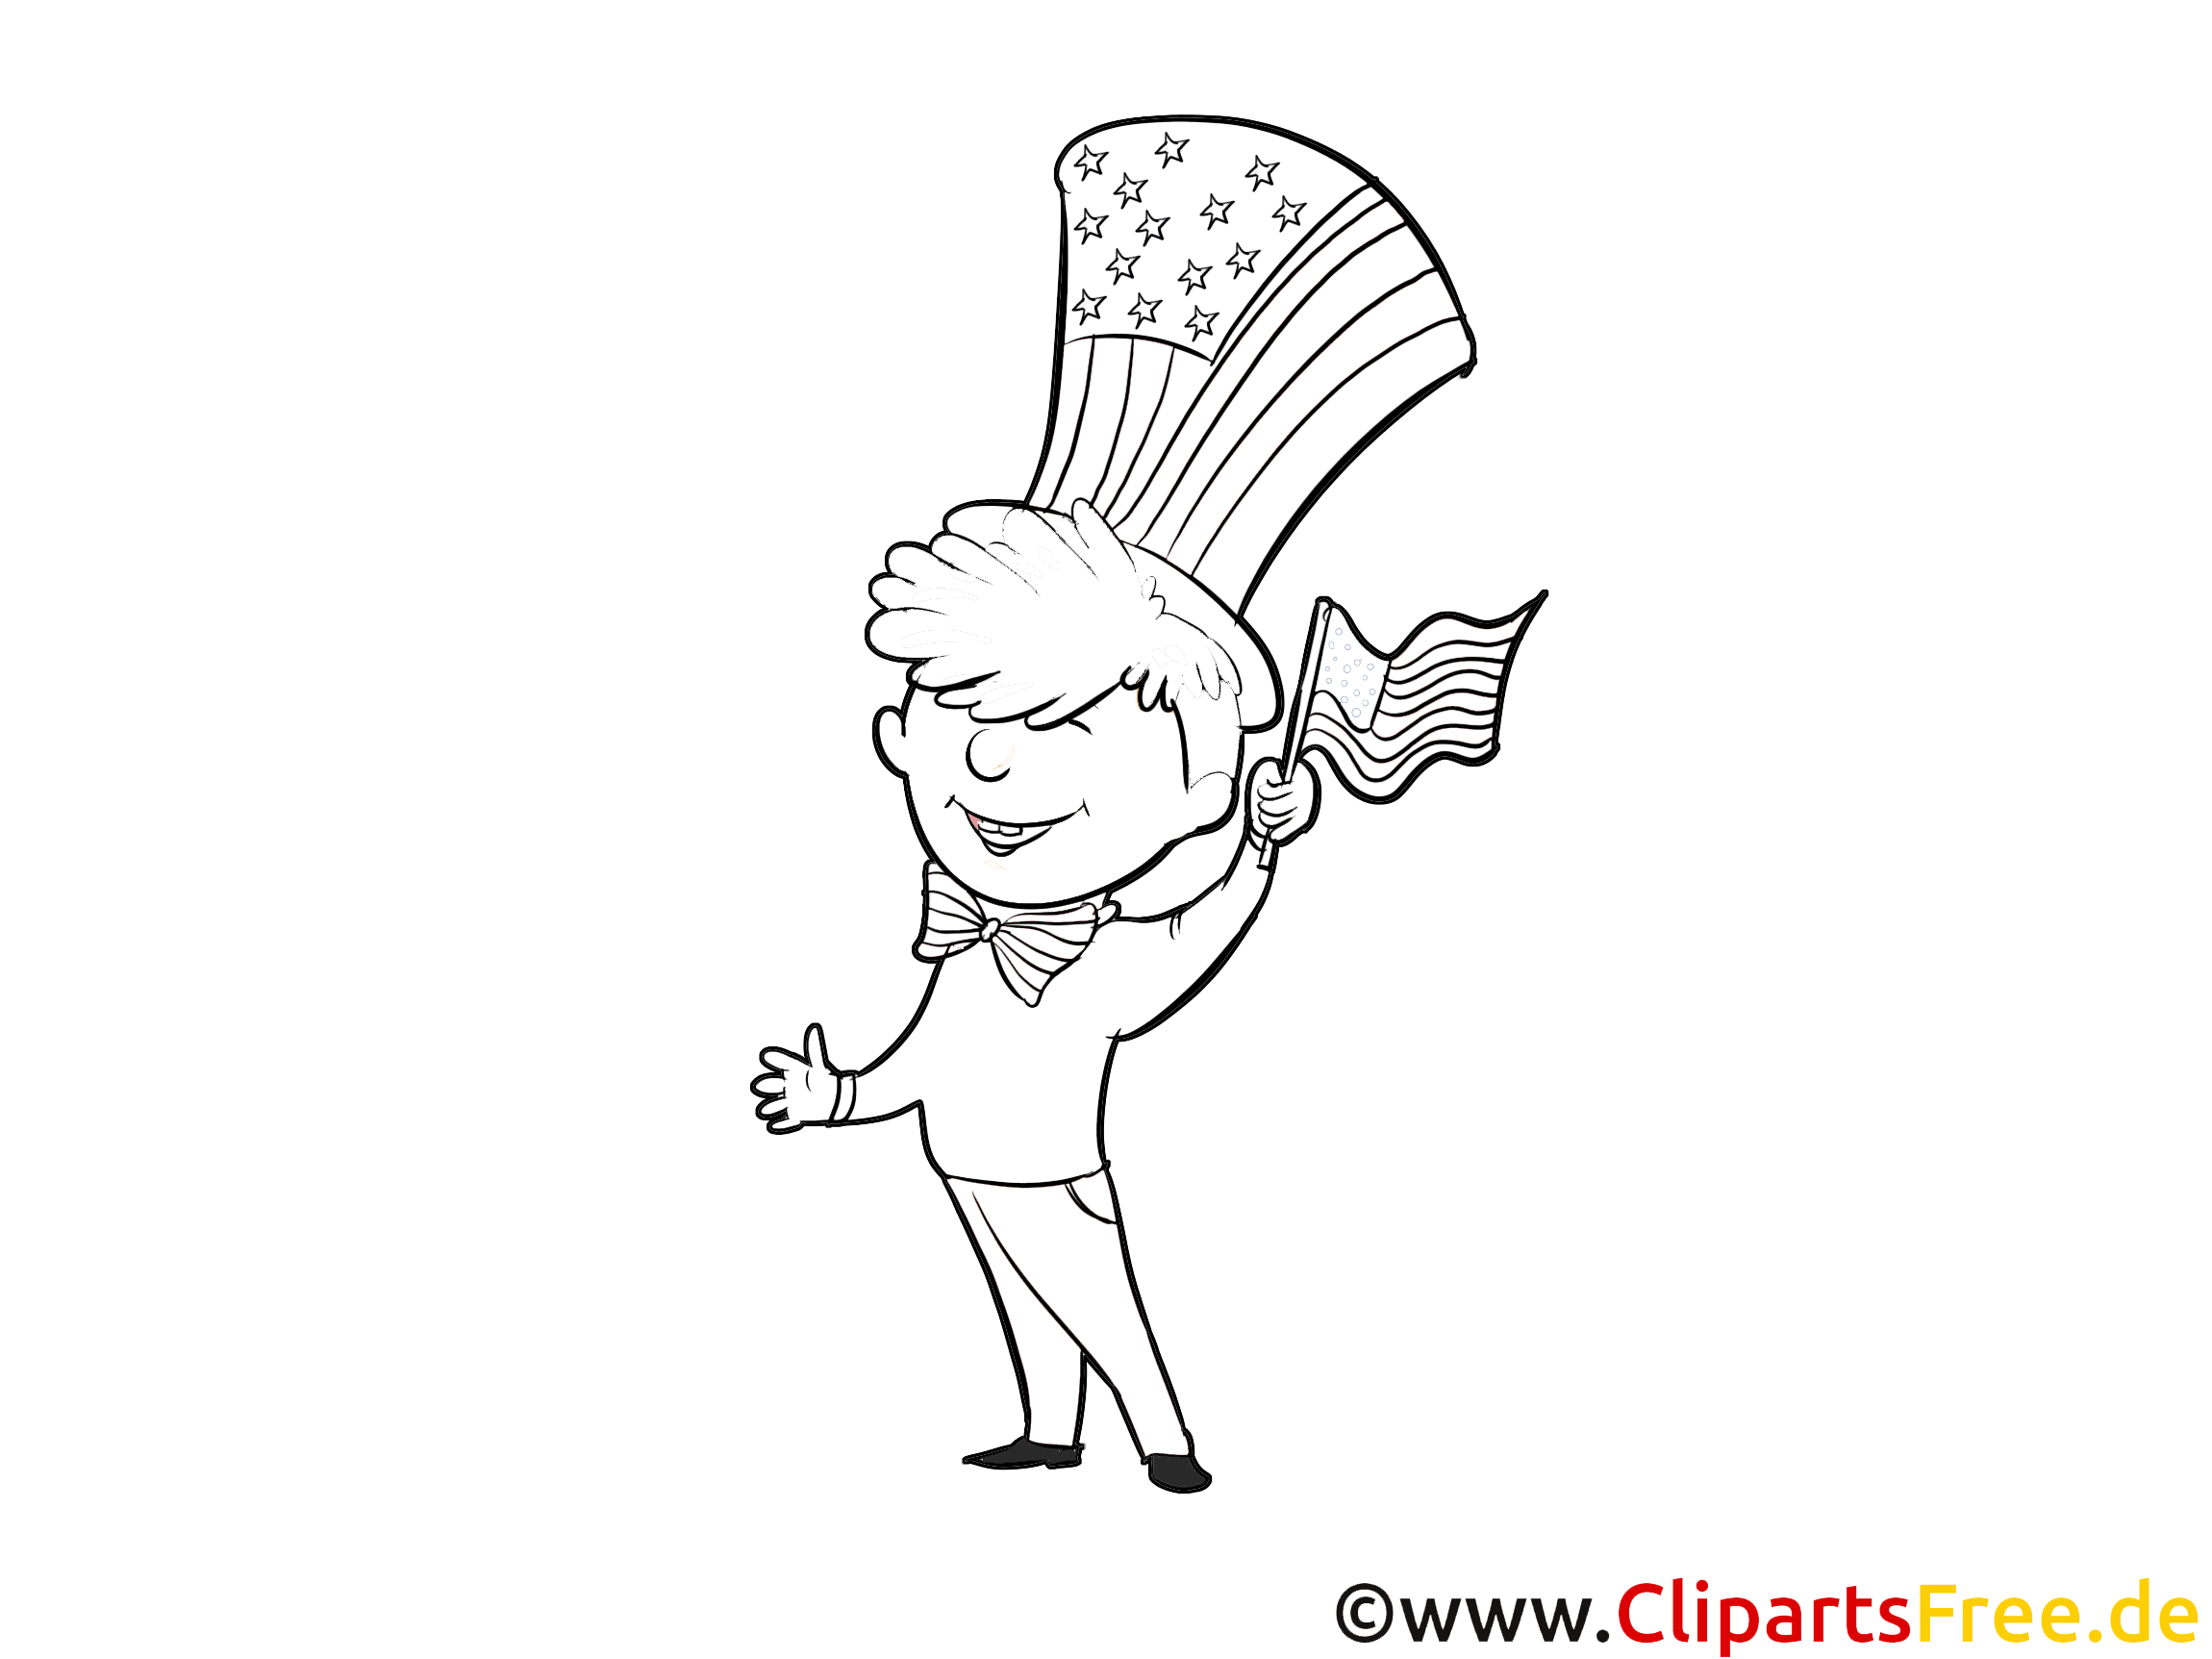 Clip art jour de l'Indépendance à colorier